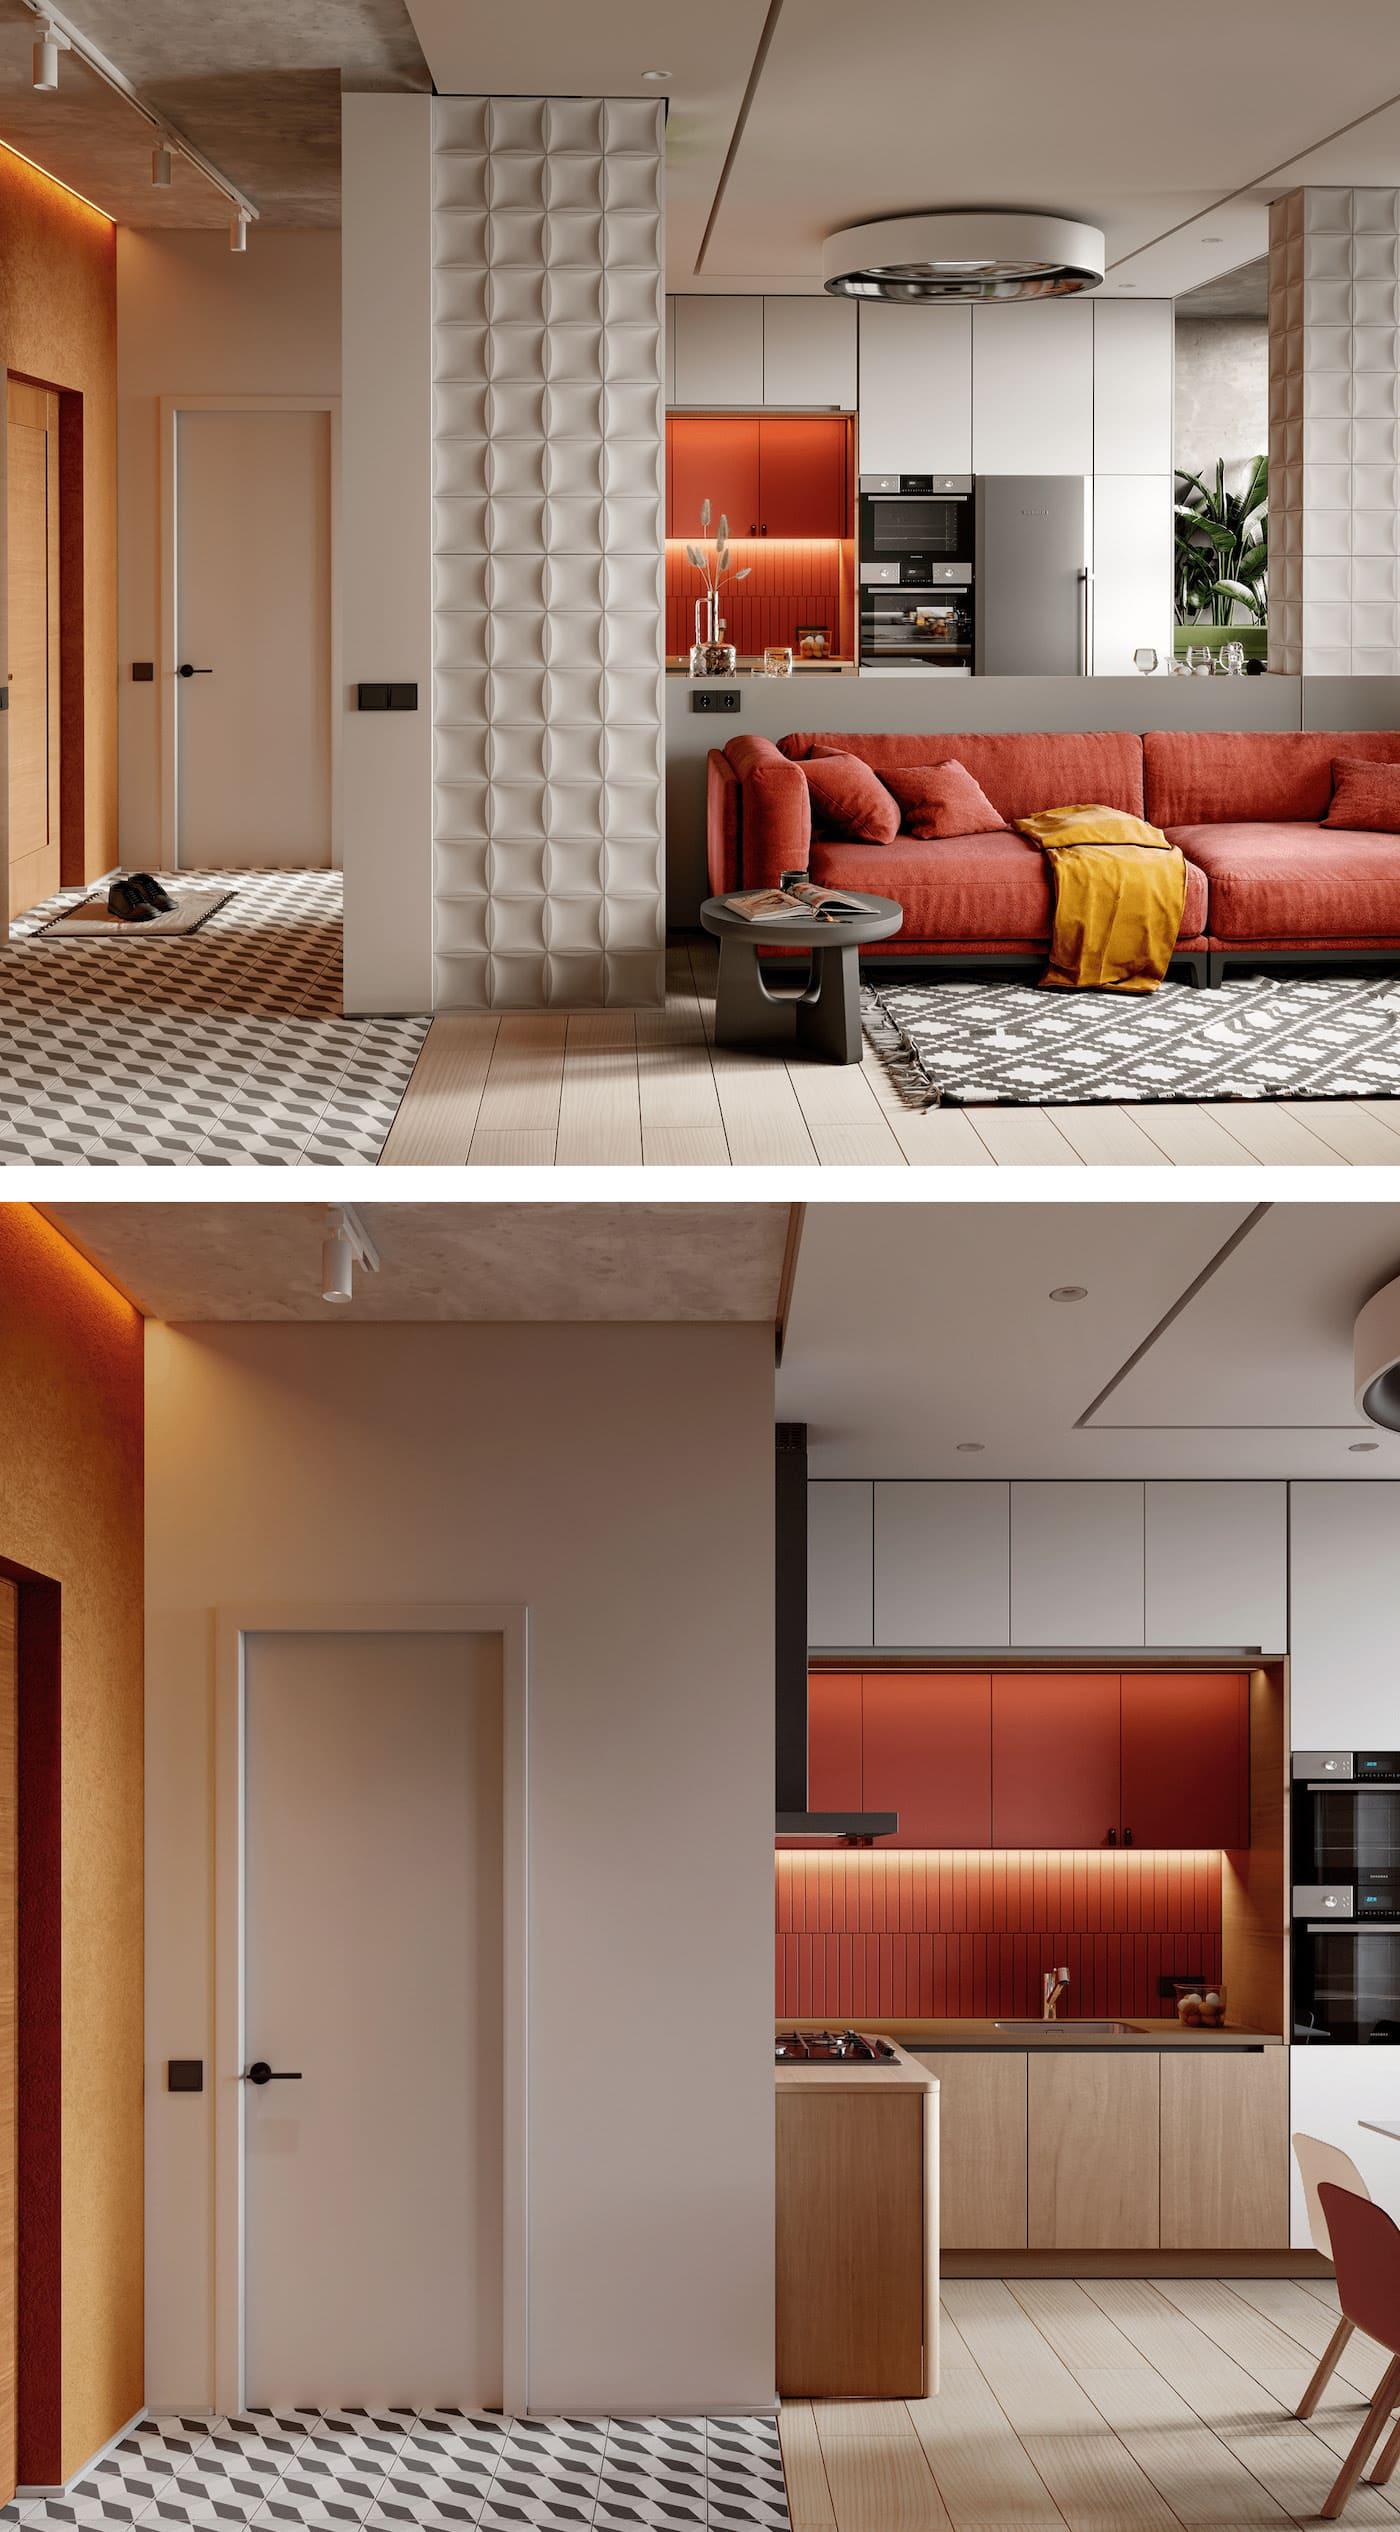 Conception d'un appartement à une chambre photo 26